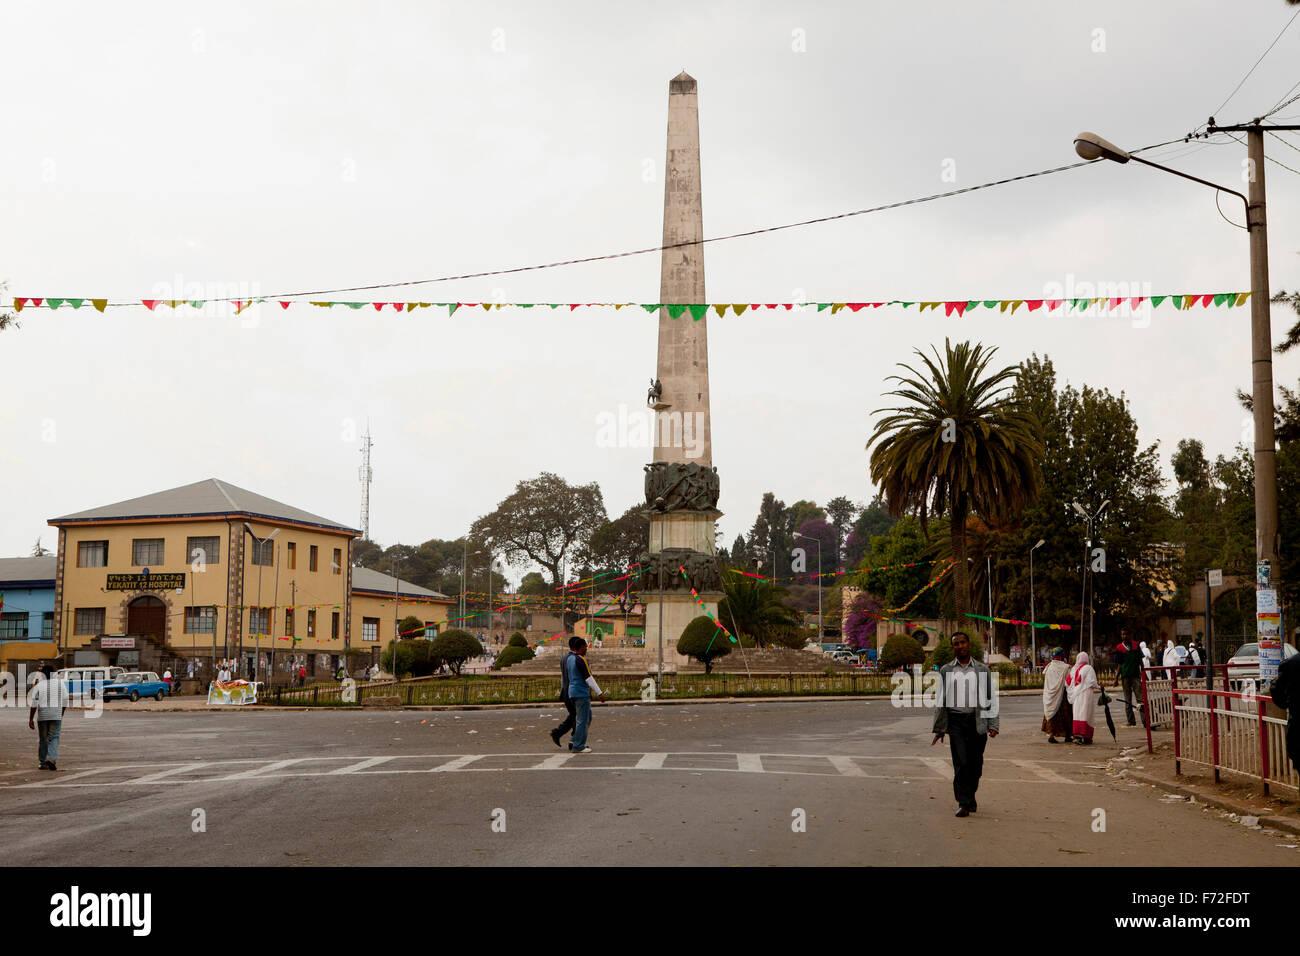 Yekatit 12 martyrs square sidist kilo, addis ababa, ethiopia, africa - Stock Image